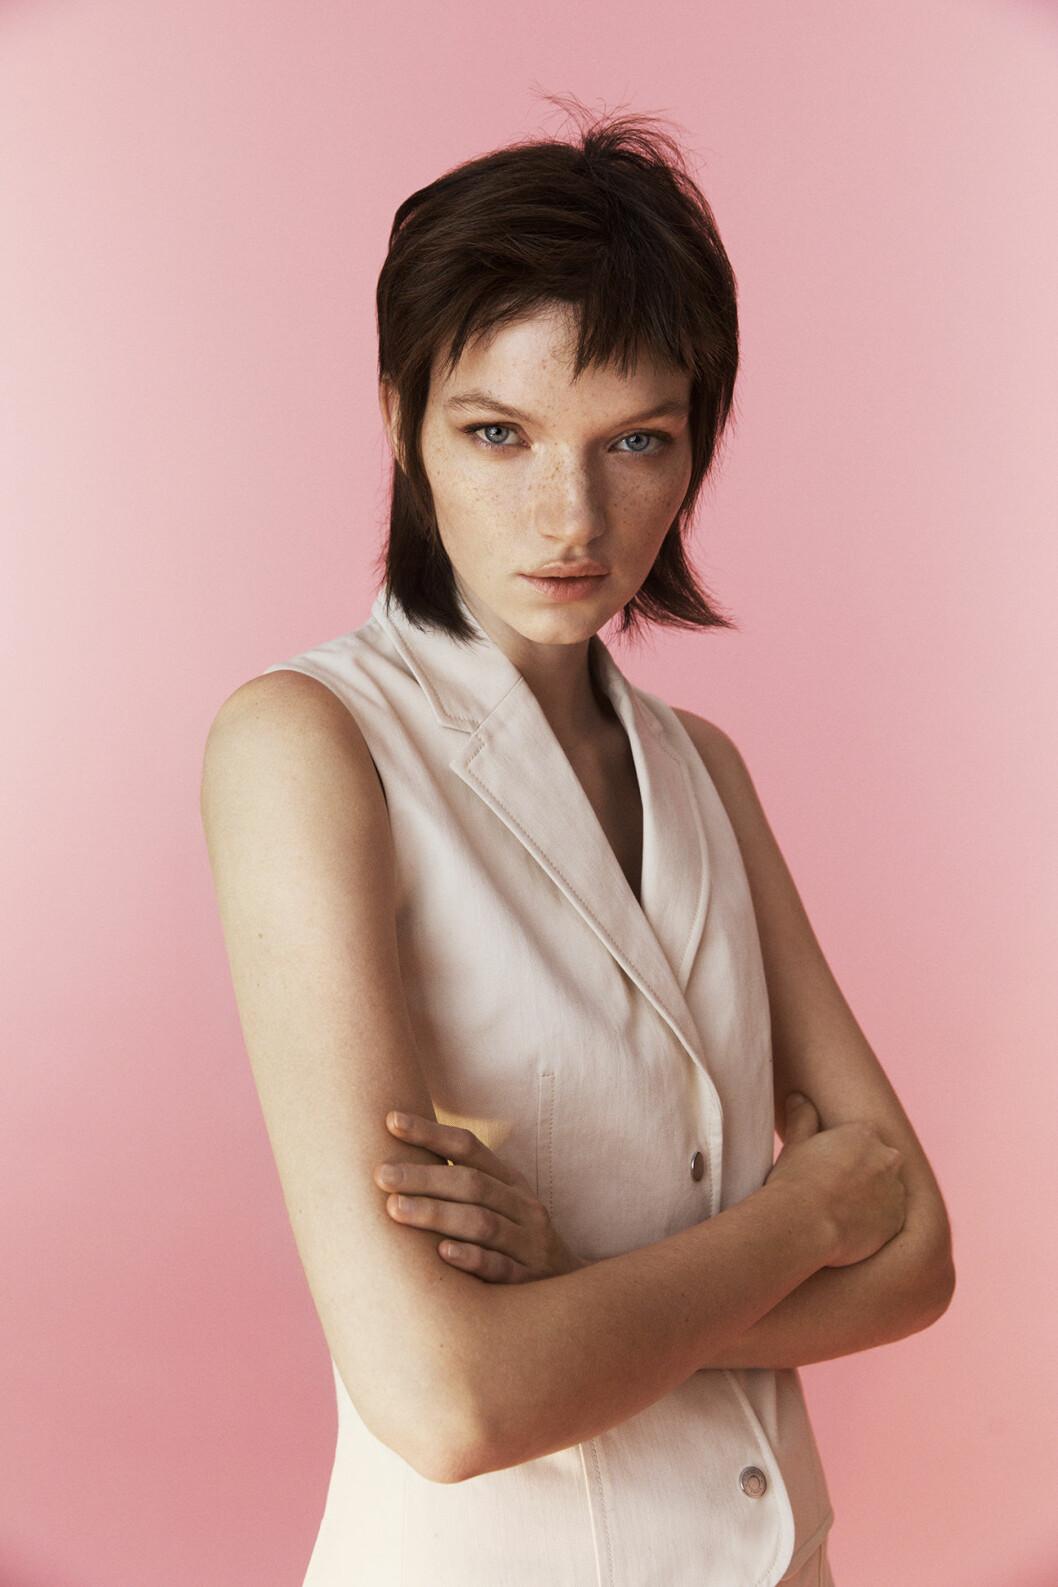 Modellen har på sig en vit väst från Hermès